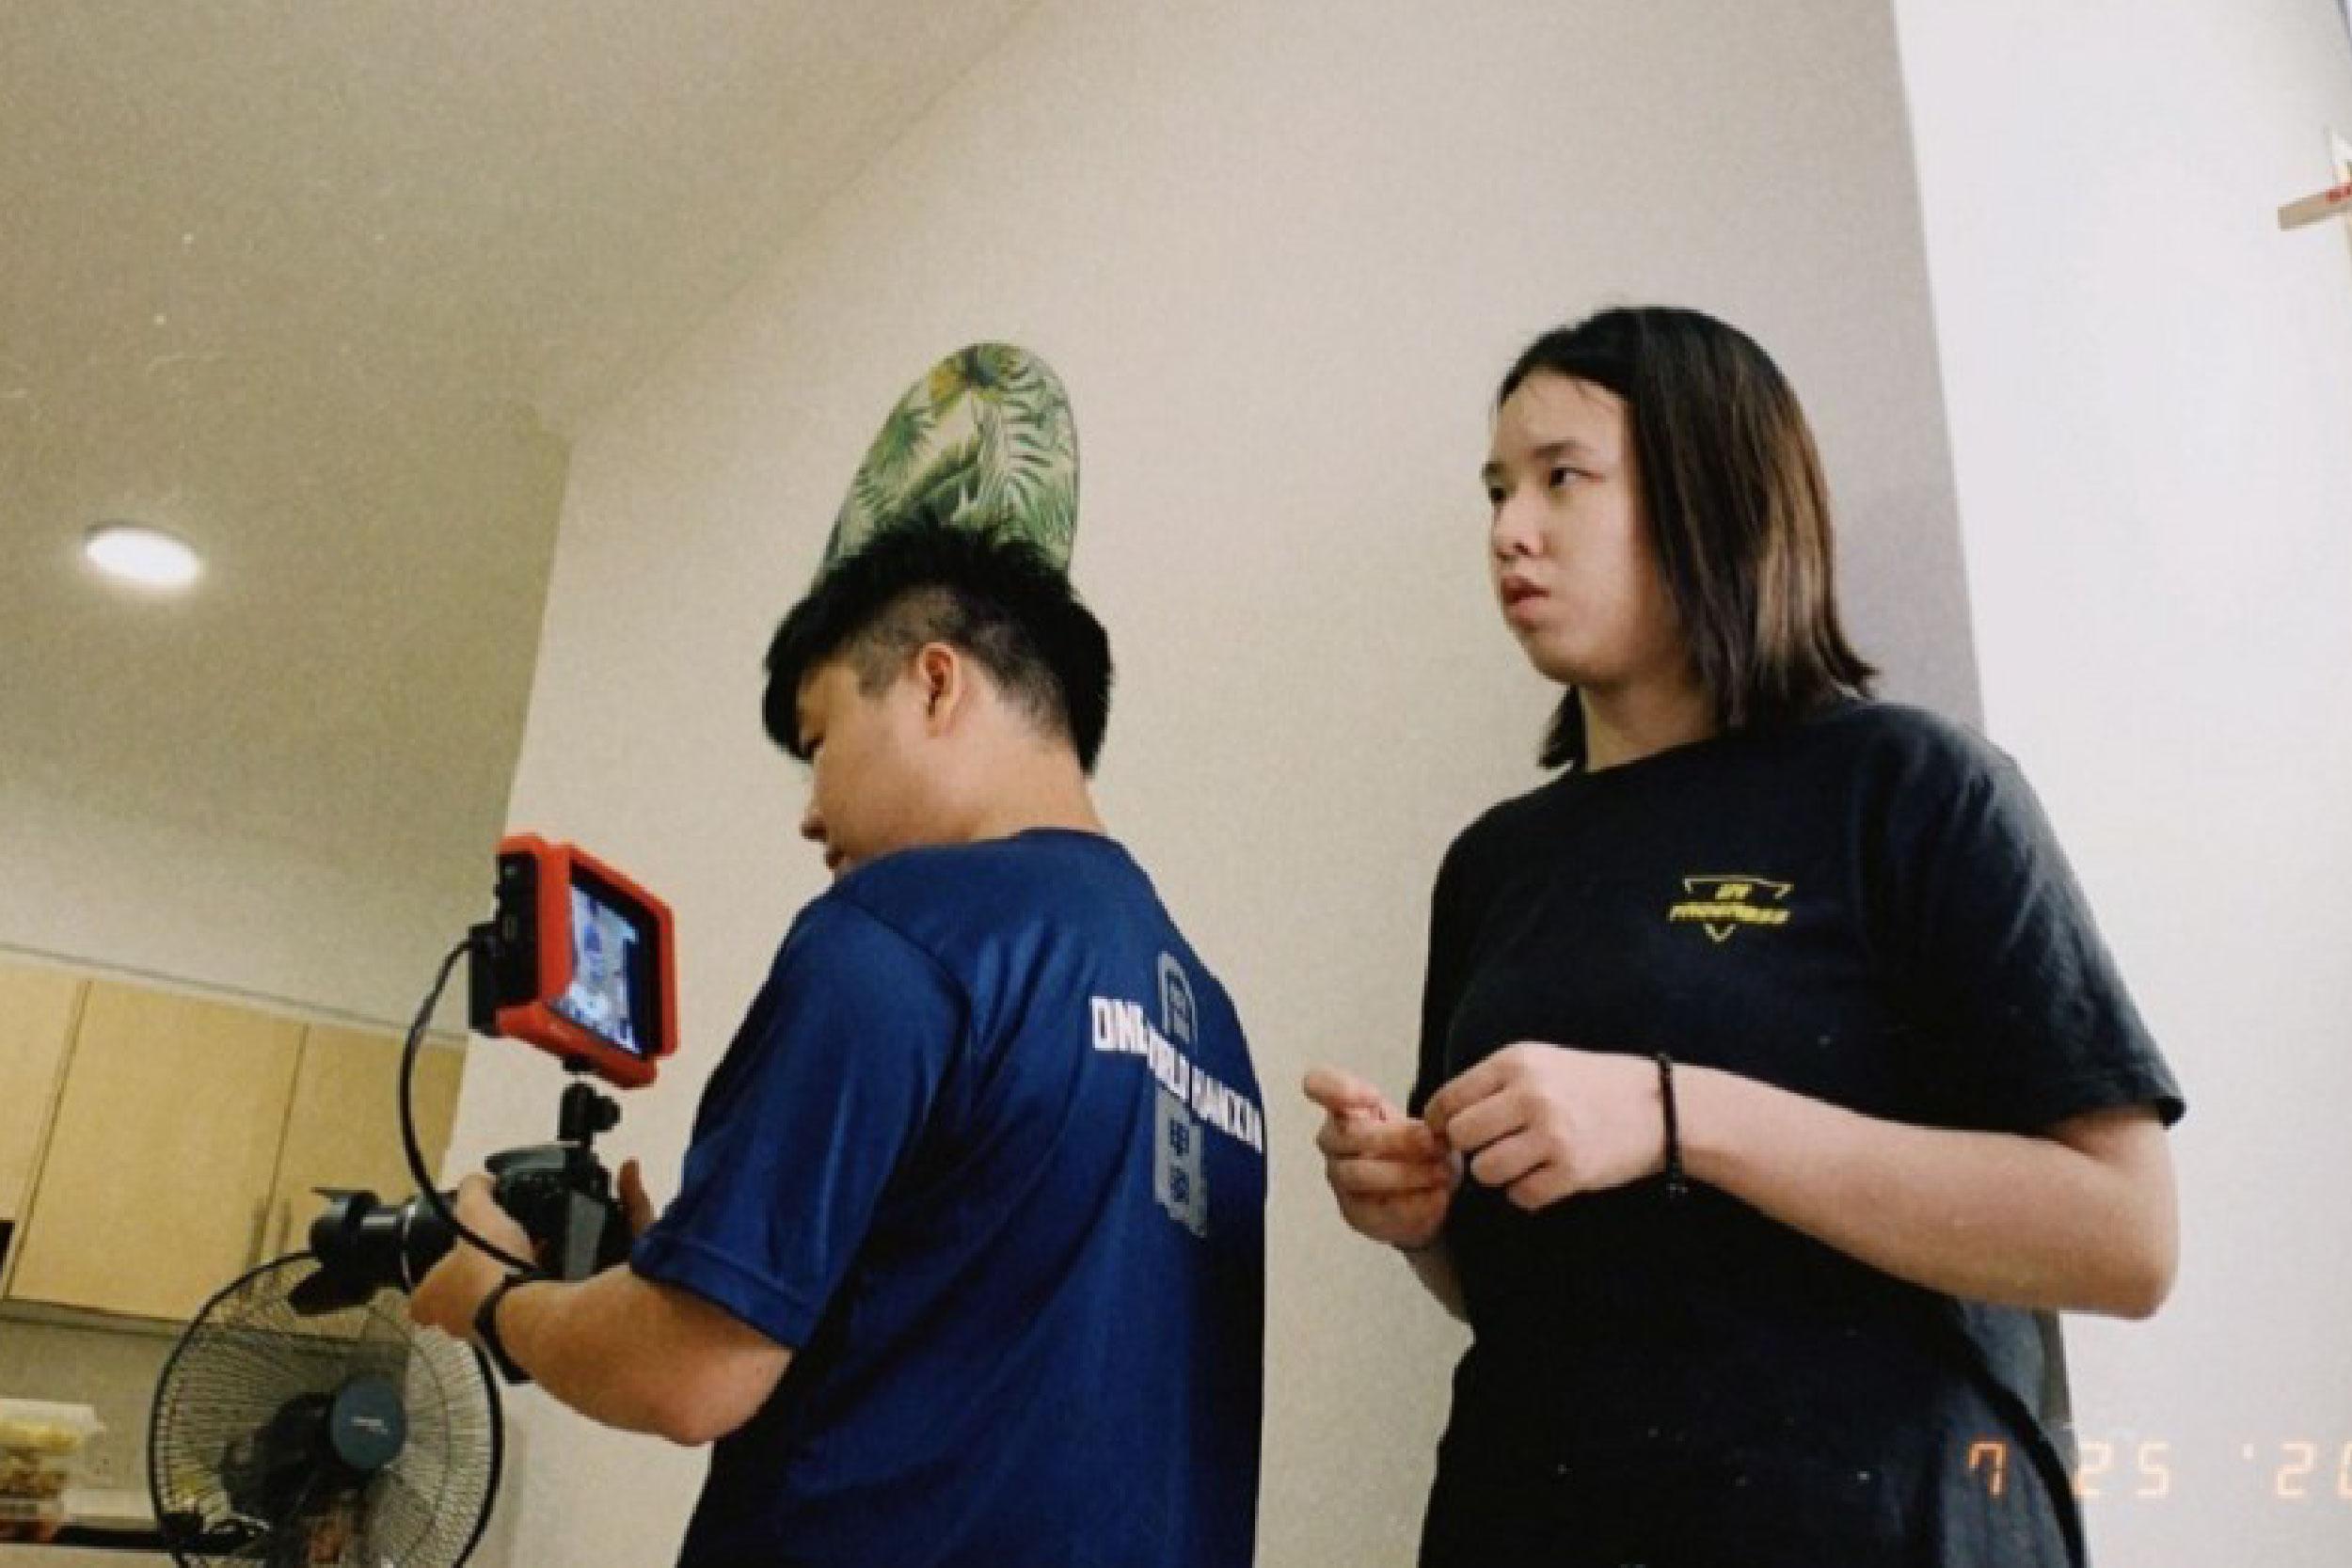 广电系毕业的赖俊恺(左)熟悉剪辑技术,在疫情期间,勤于剪辑和摄影,以增进自己的技术。-马新社-